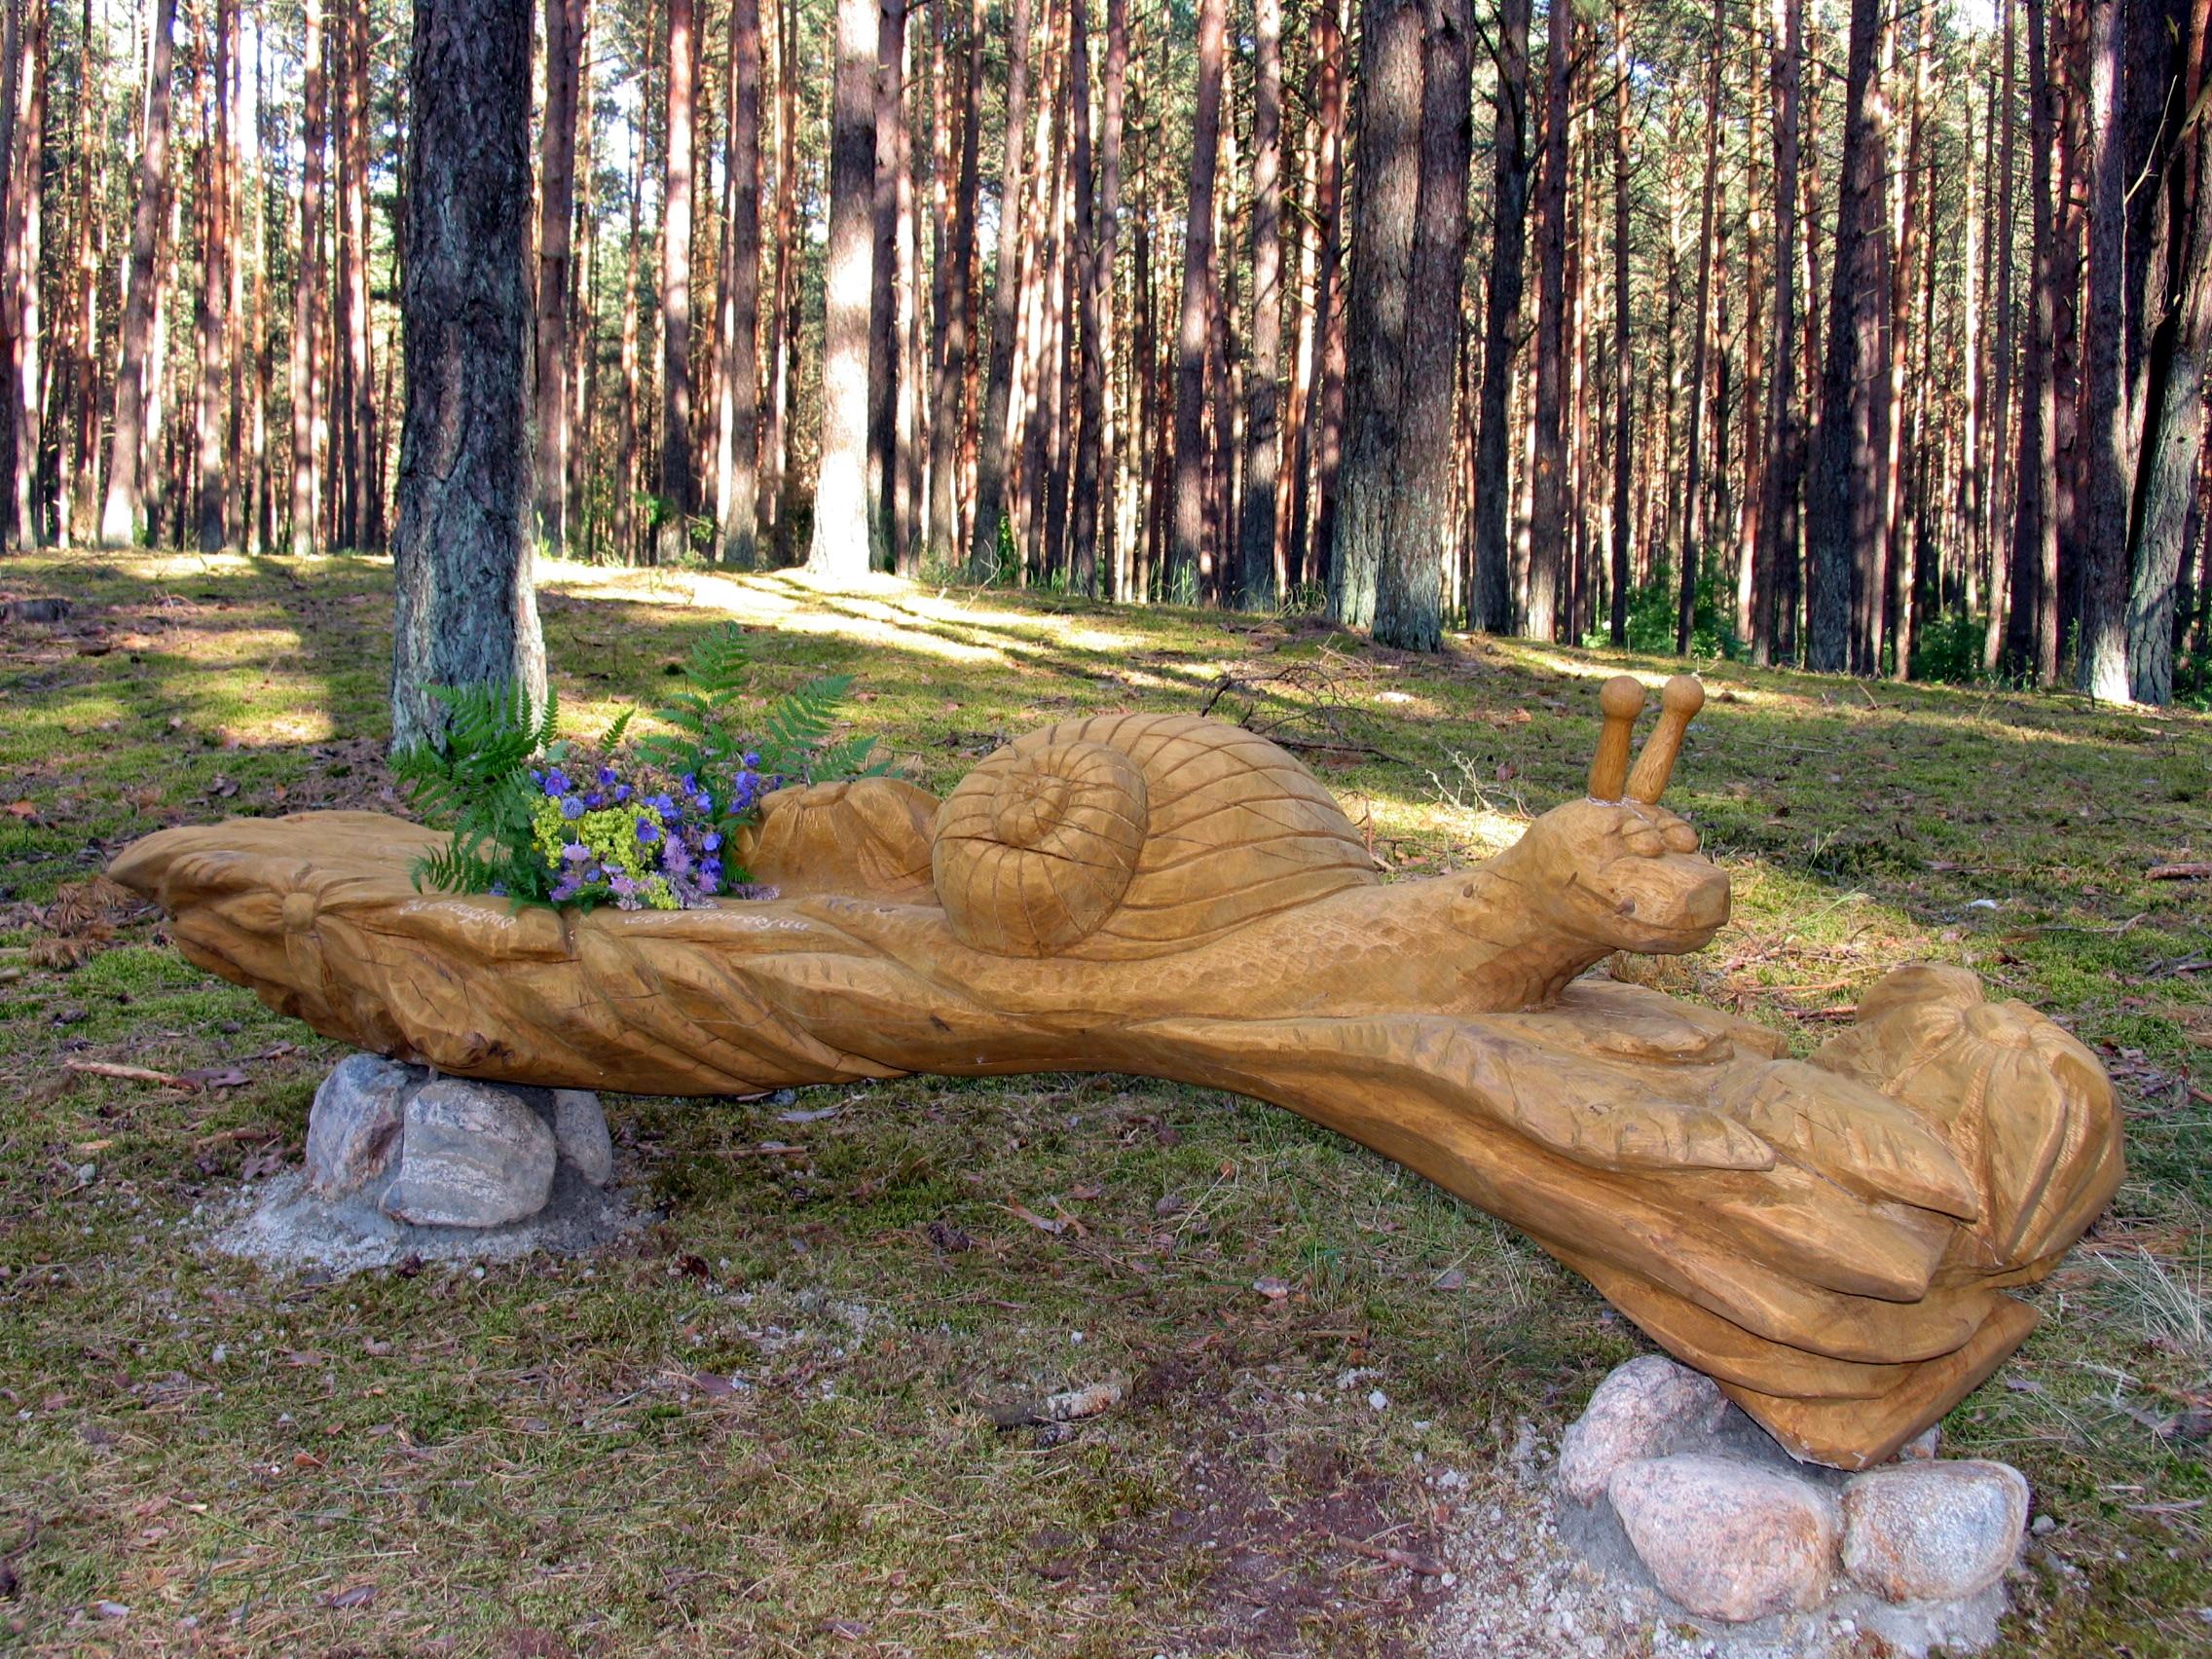 Skulptūrinių suolelių parkas Gamta ir Žmogus - in memoriam, skirtas V.Mykolaičio-Putino atminimui (skulptorius Vidmantas Vikšraitis)